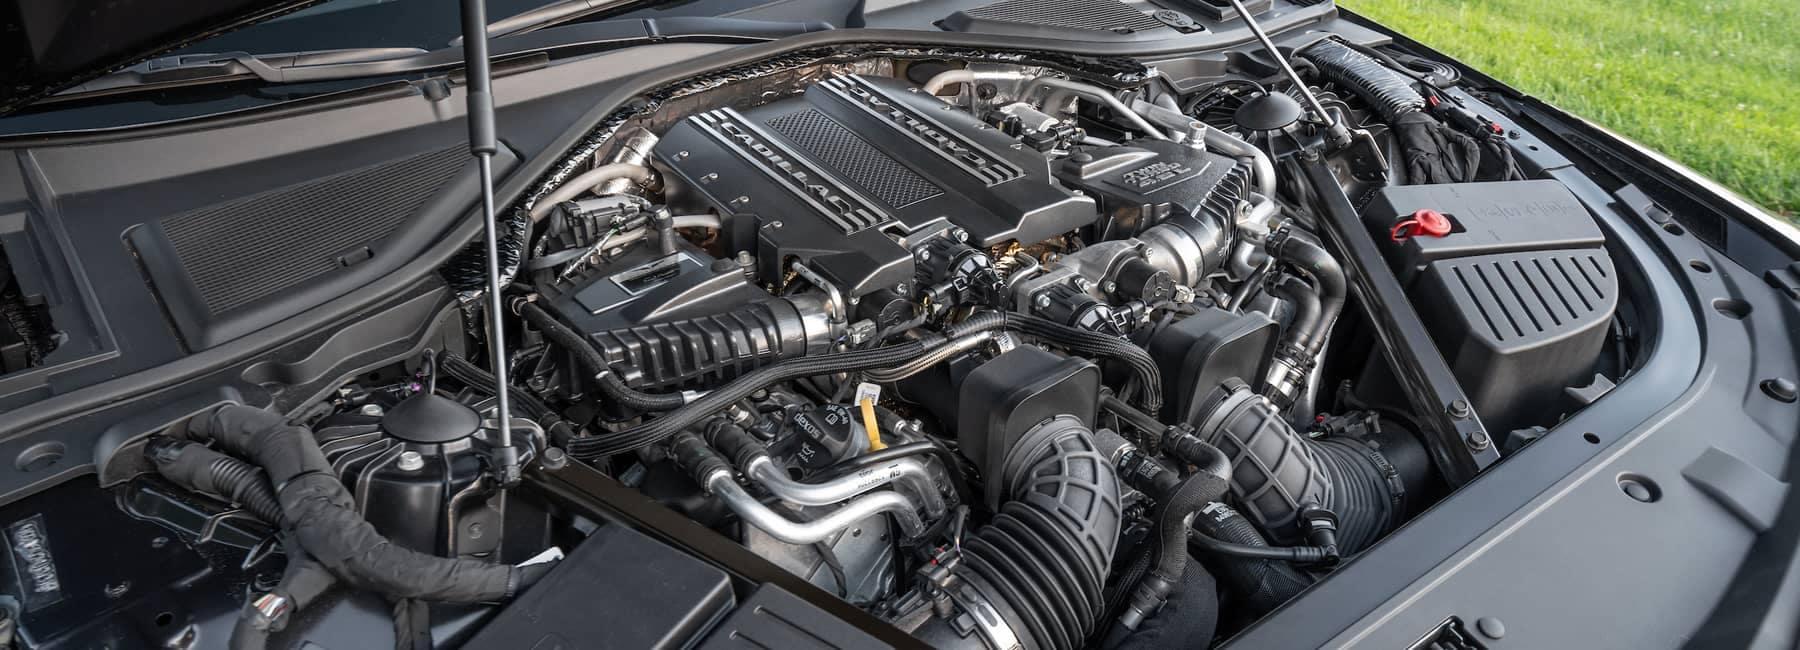 Cadillac Parts